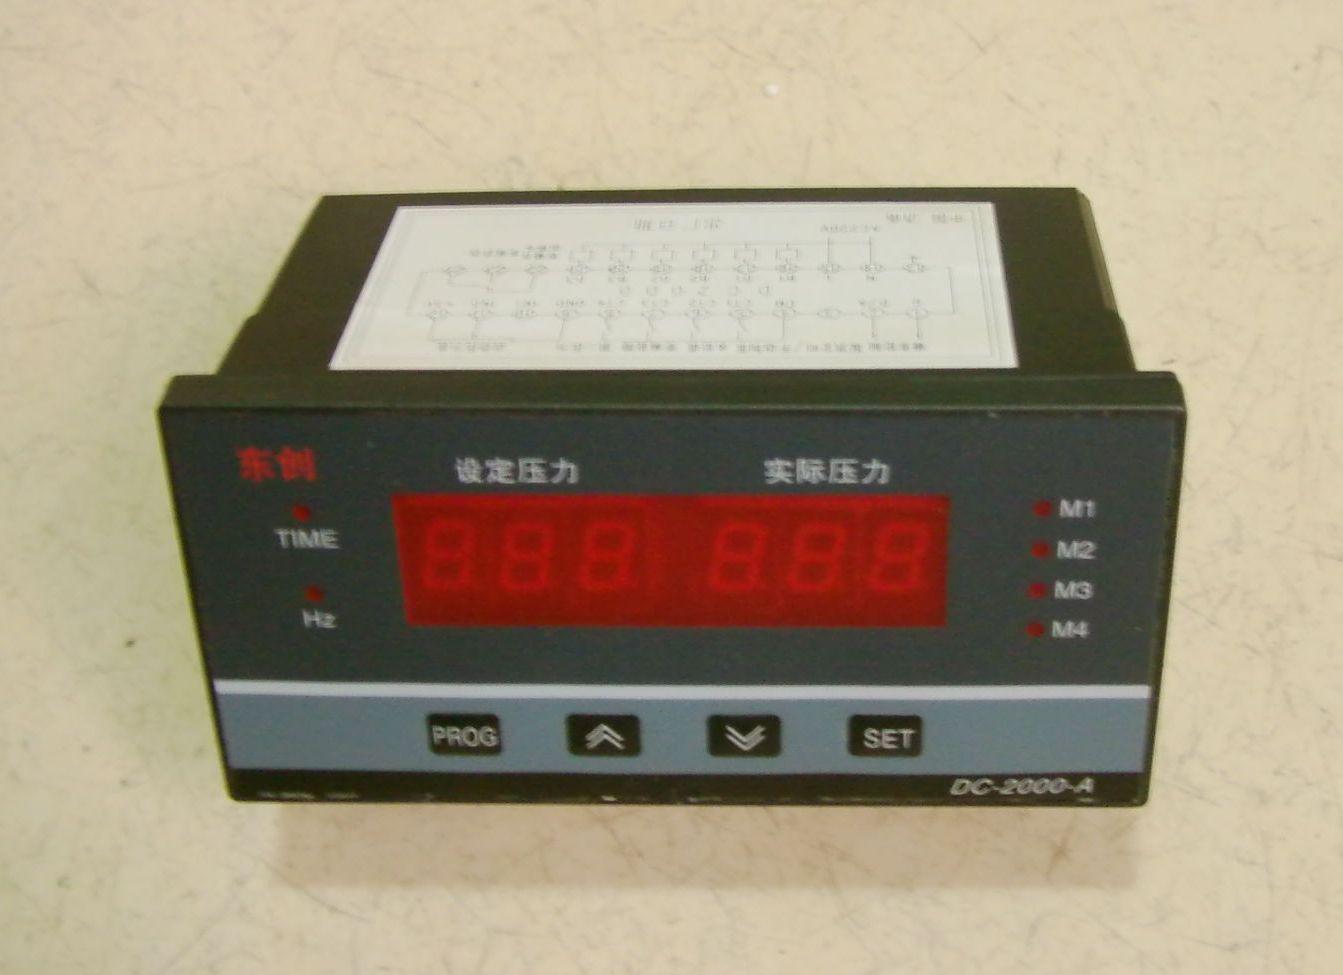 1.功能: 一至三泵工作可编程设定。 工作泵全软启动,以先起先停为原则。 无加泵需要时可定时换泵工作。 可设定上限保护压力。 可设定上限保护压力。 可接受(0-5V)或(4-20MA)输入。 可补偿传感器误差。 远传人工控制起停功能。 设定压力和实时压力显示。 变频器频率显示和实时压力显示。 具有变频器故障、远传表故障或欠压超 时和水位报警指示。 具有实时时钟(带电池)功能(标签上带 有/T字样的具有此功能)。 可编程每日6段高低压供水及开关机(T 型有此功能)。 可编程工作期限。 完善的密码功能。 2技